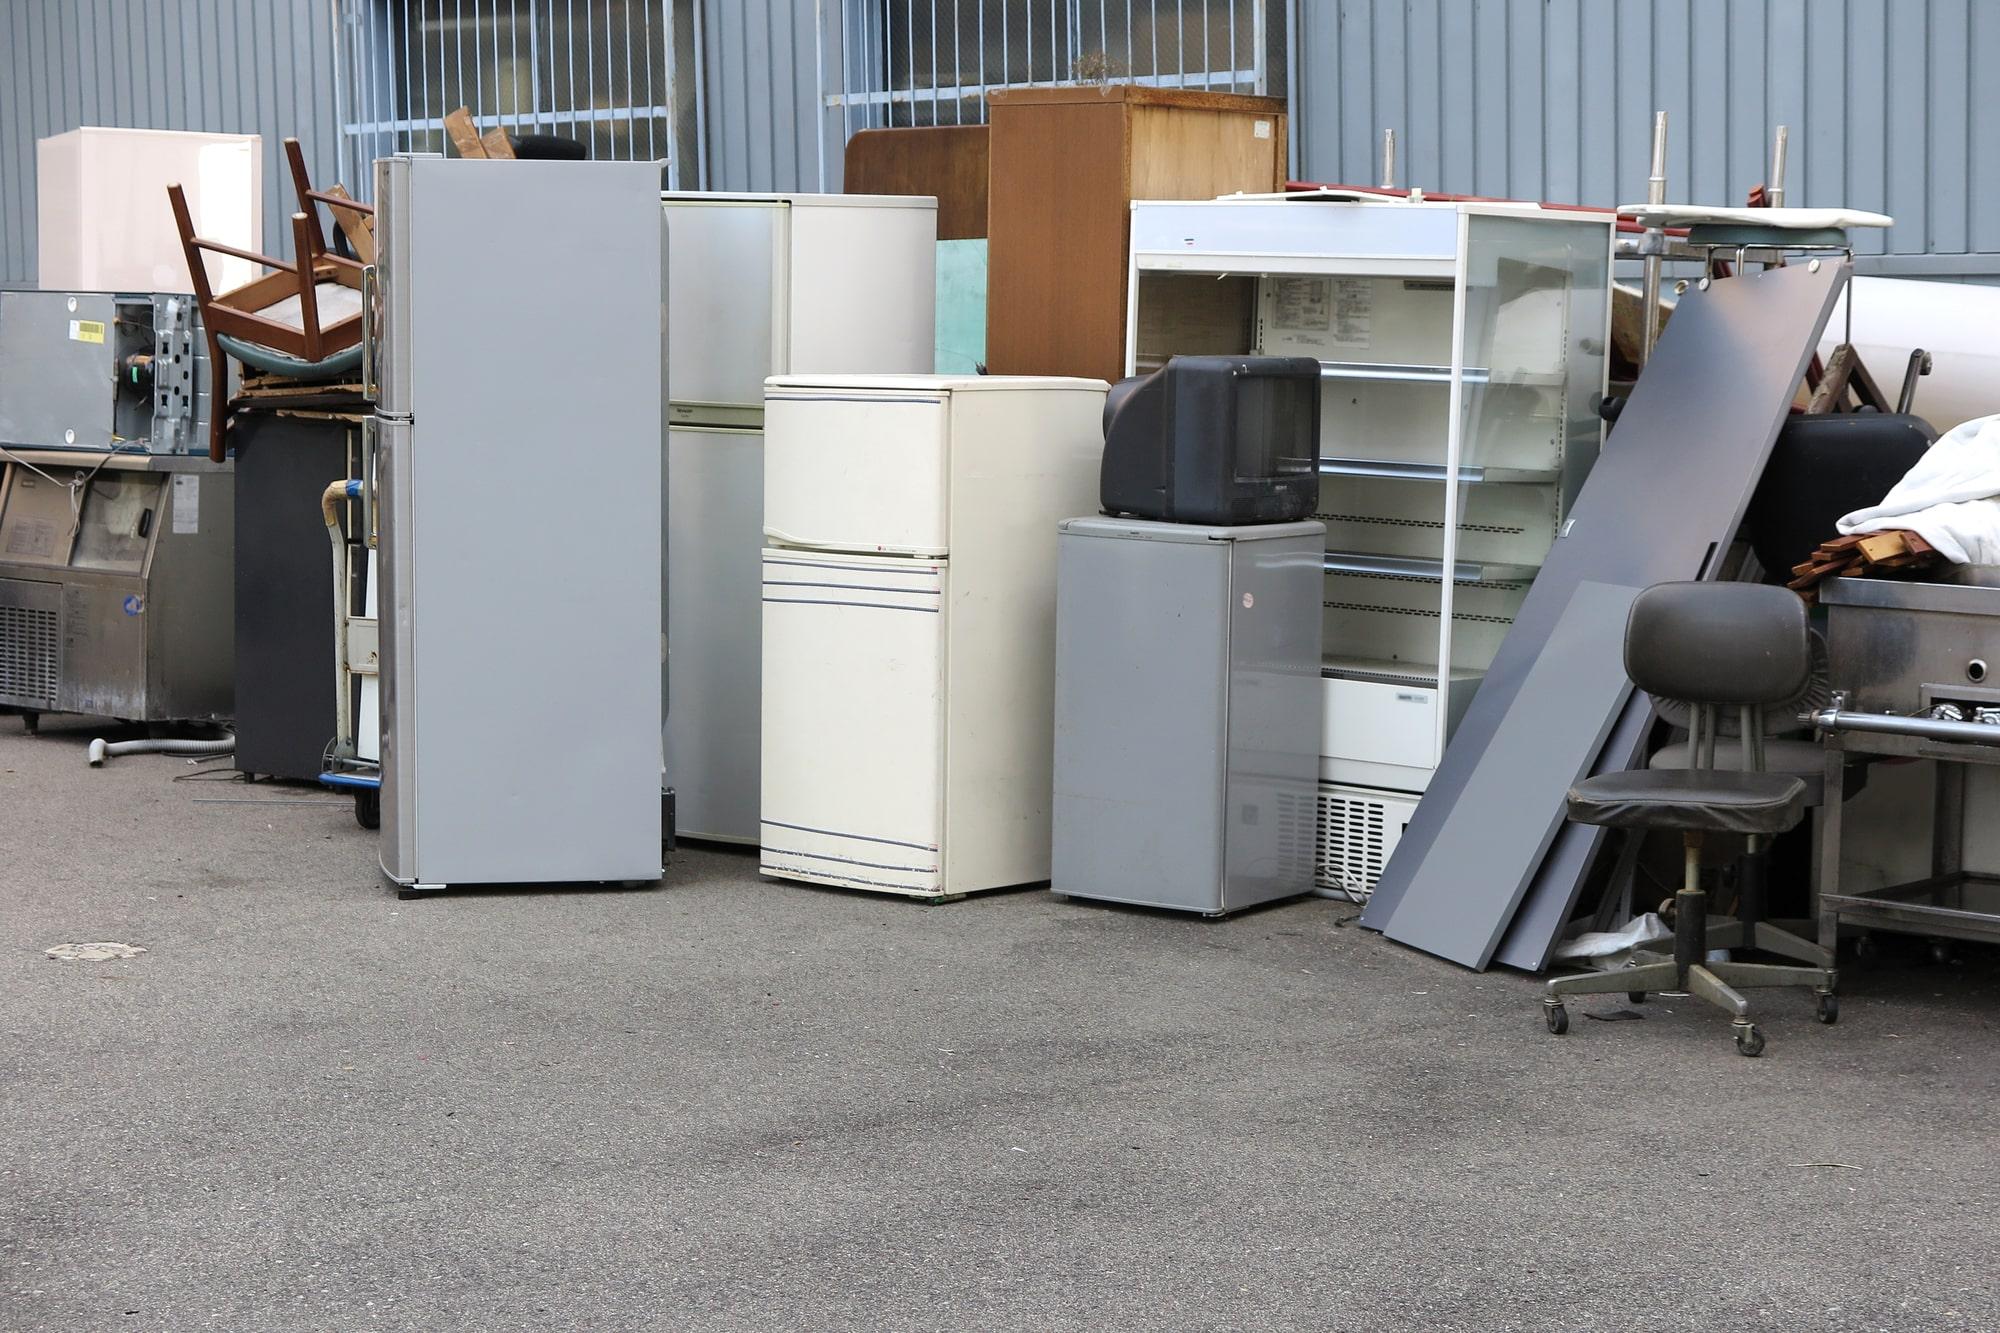 【福岡版】色々な家電の処分・回収の方法をご紹介します